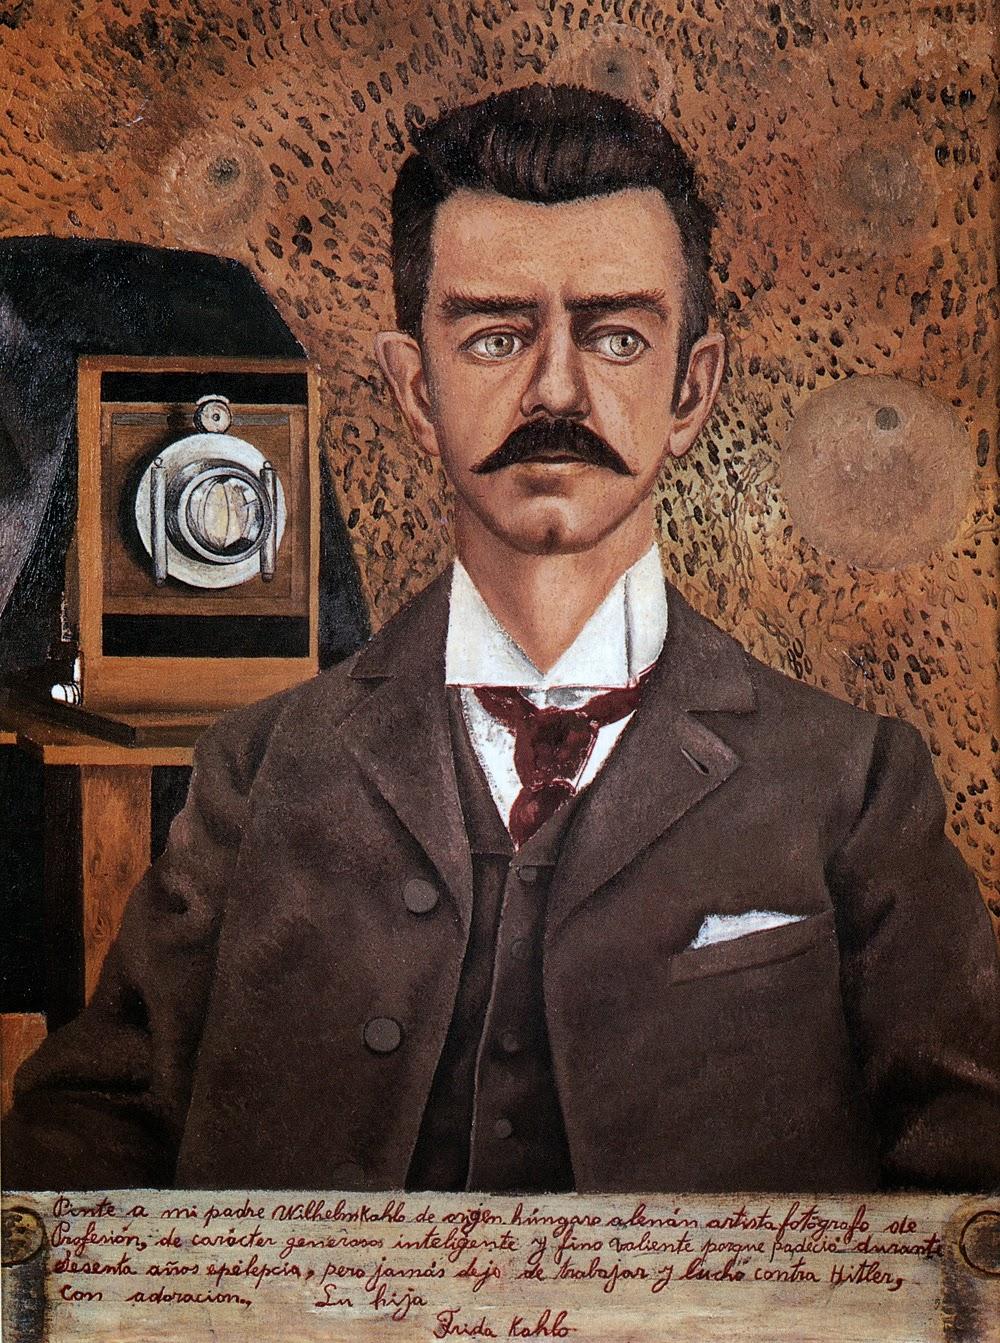 Frida Kahlo, Retrato de mi padre (1951), Museo Frida Kahlo, Coyoacán